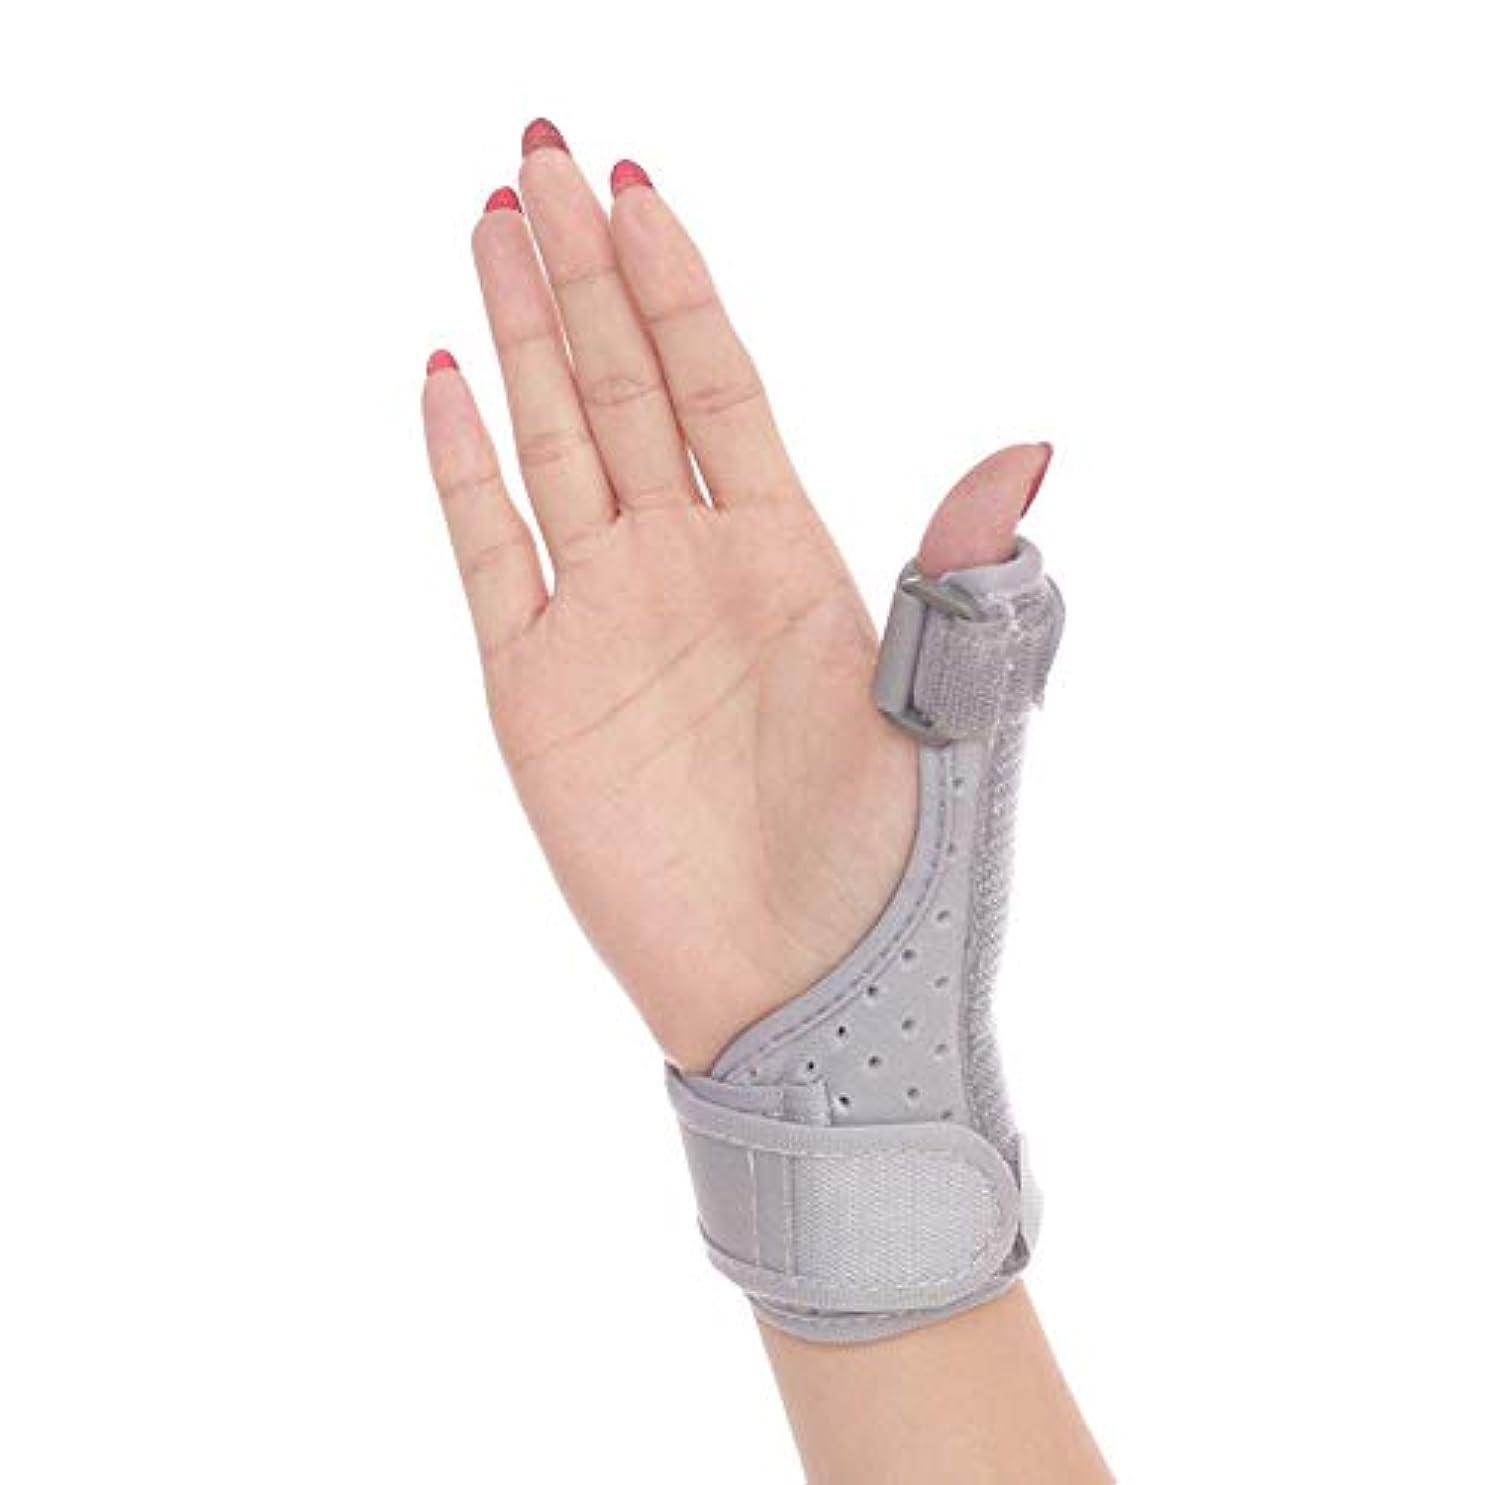 ネーピア盗難自治的手首の親指の指の副木、関節炎、腱炎、手根管の痛みの軽減、軽量で 調節可能なサイズに適しています